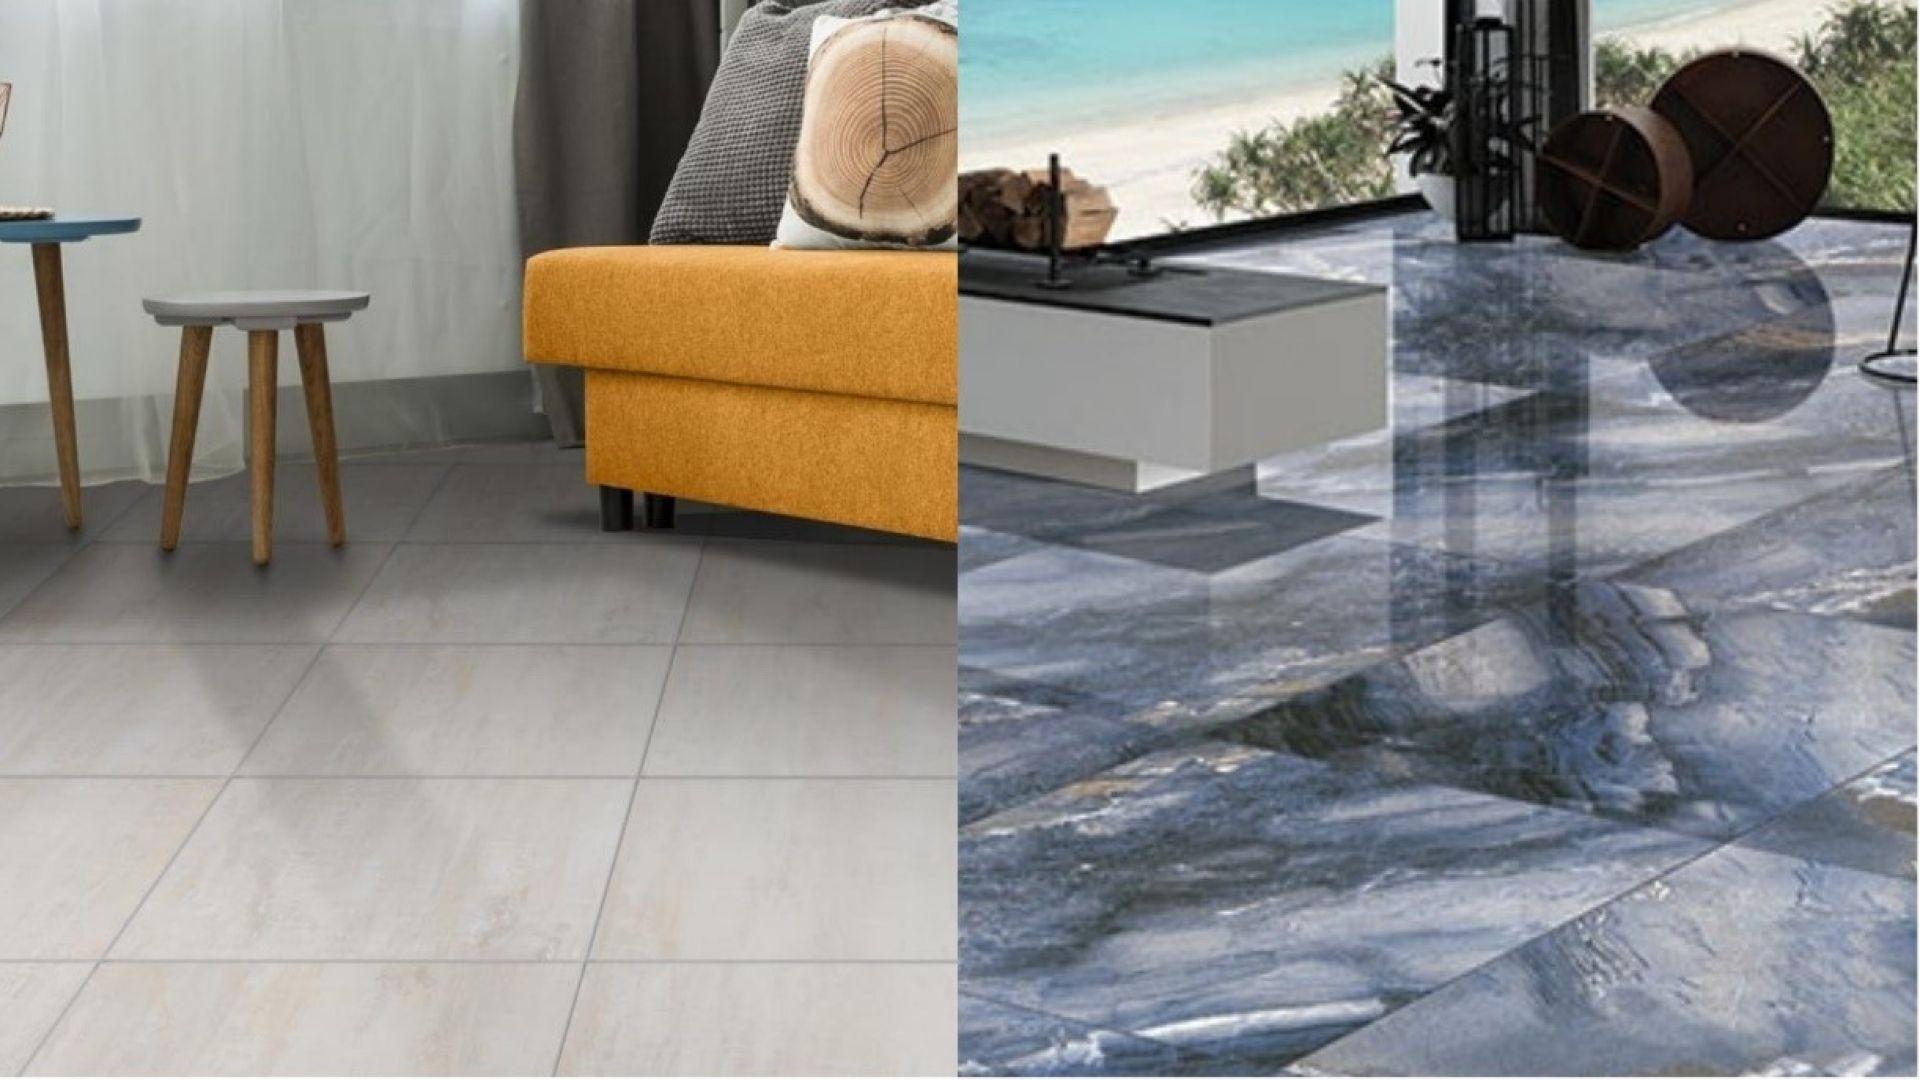 ceramic tile vs granite tile which